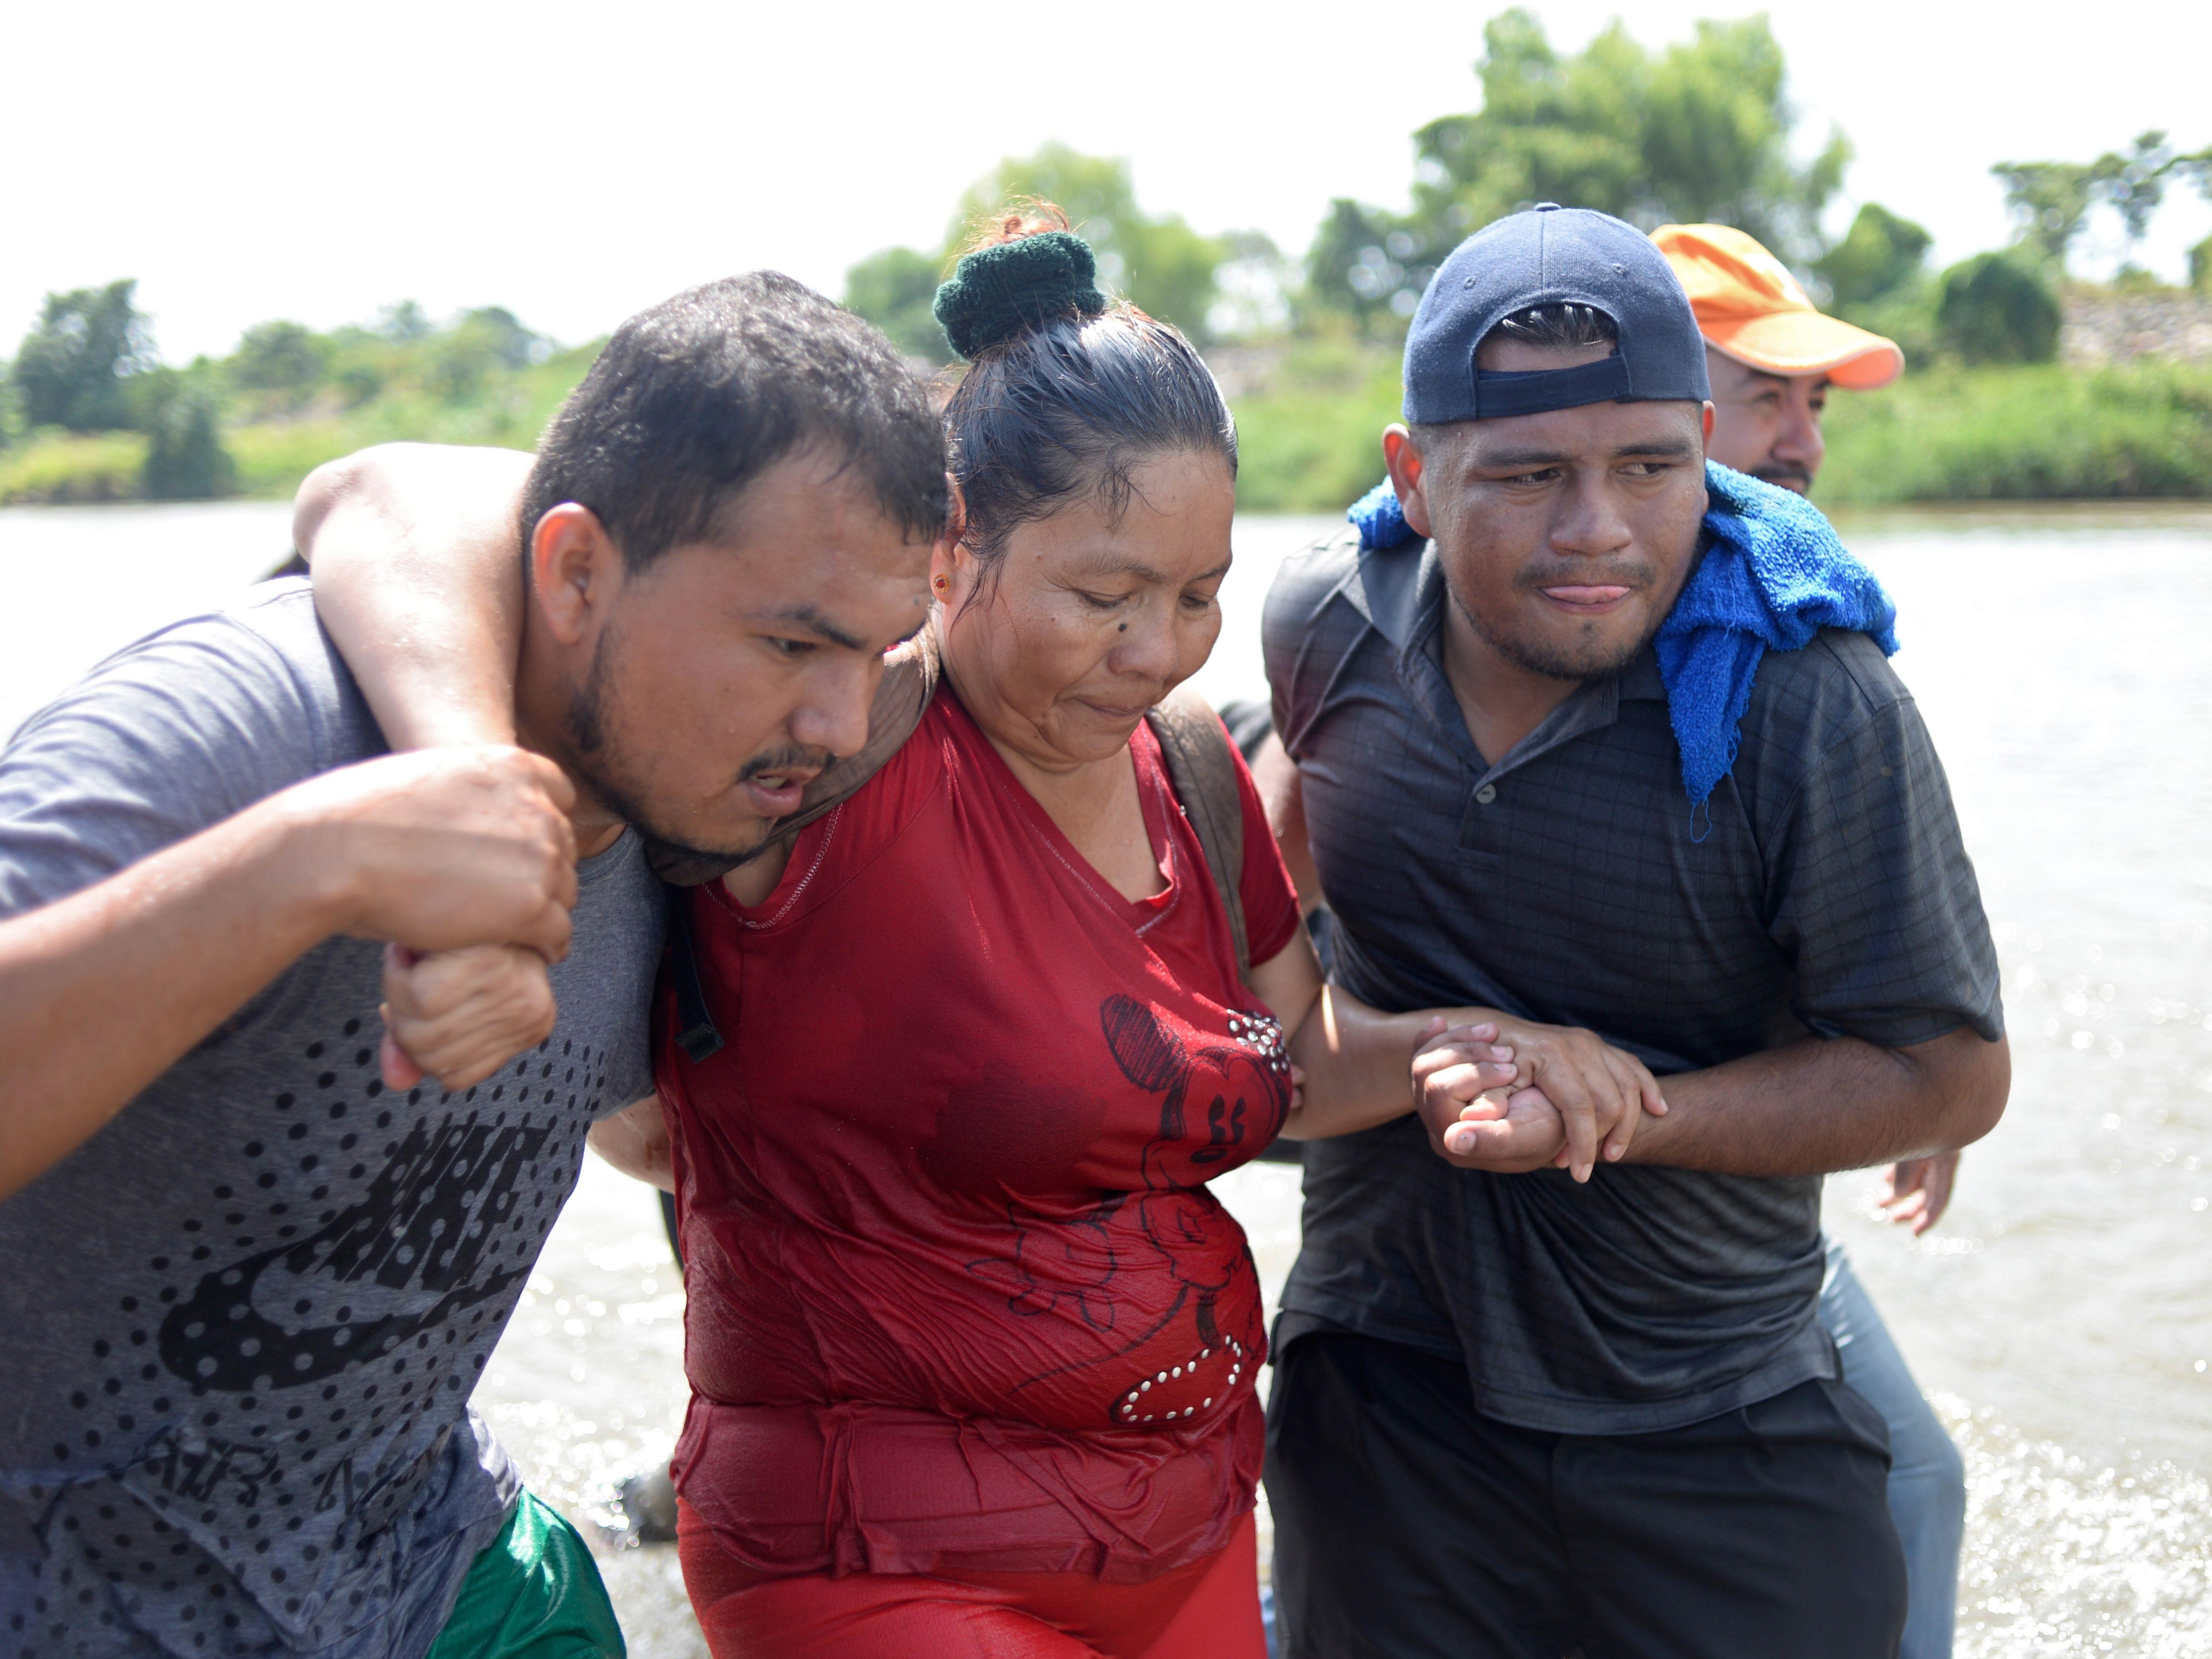 Honduran migrants heading in a caravan to the US, arrive in Ciudad Hidalgo, Mexico, after crossing the Suchiate River from Ciudad Tecun Uman, Guatemala, on Nov. 02, 2018.